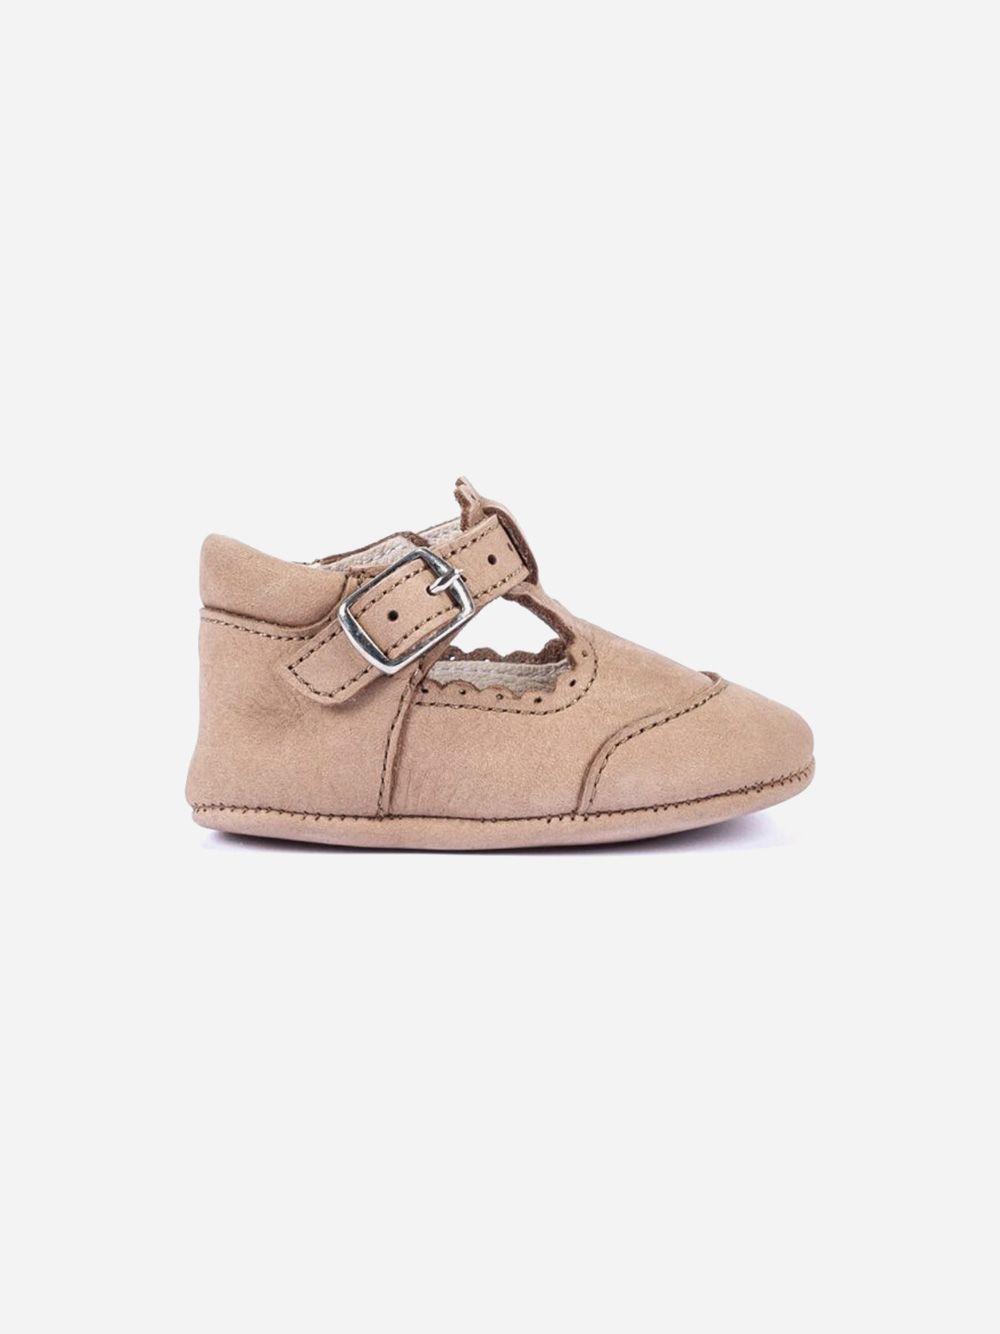 Sapato Clássico com Fivela   Pikitri